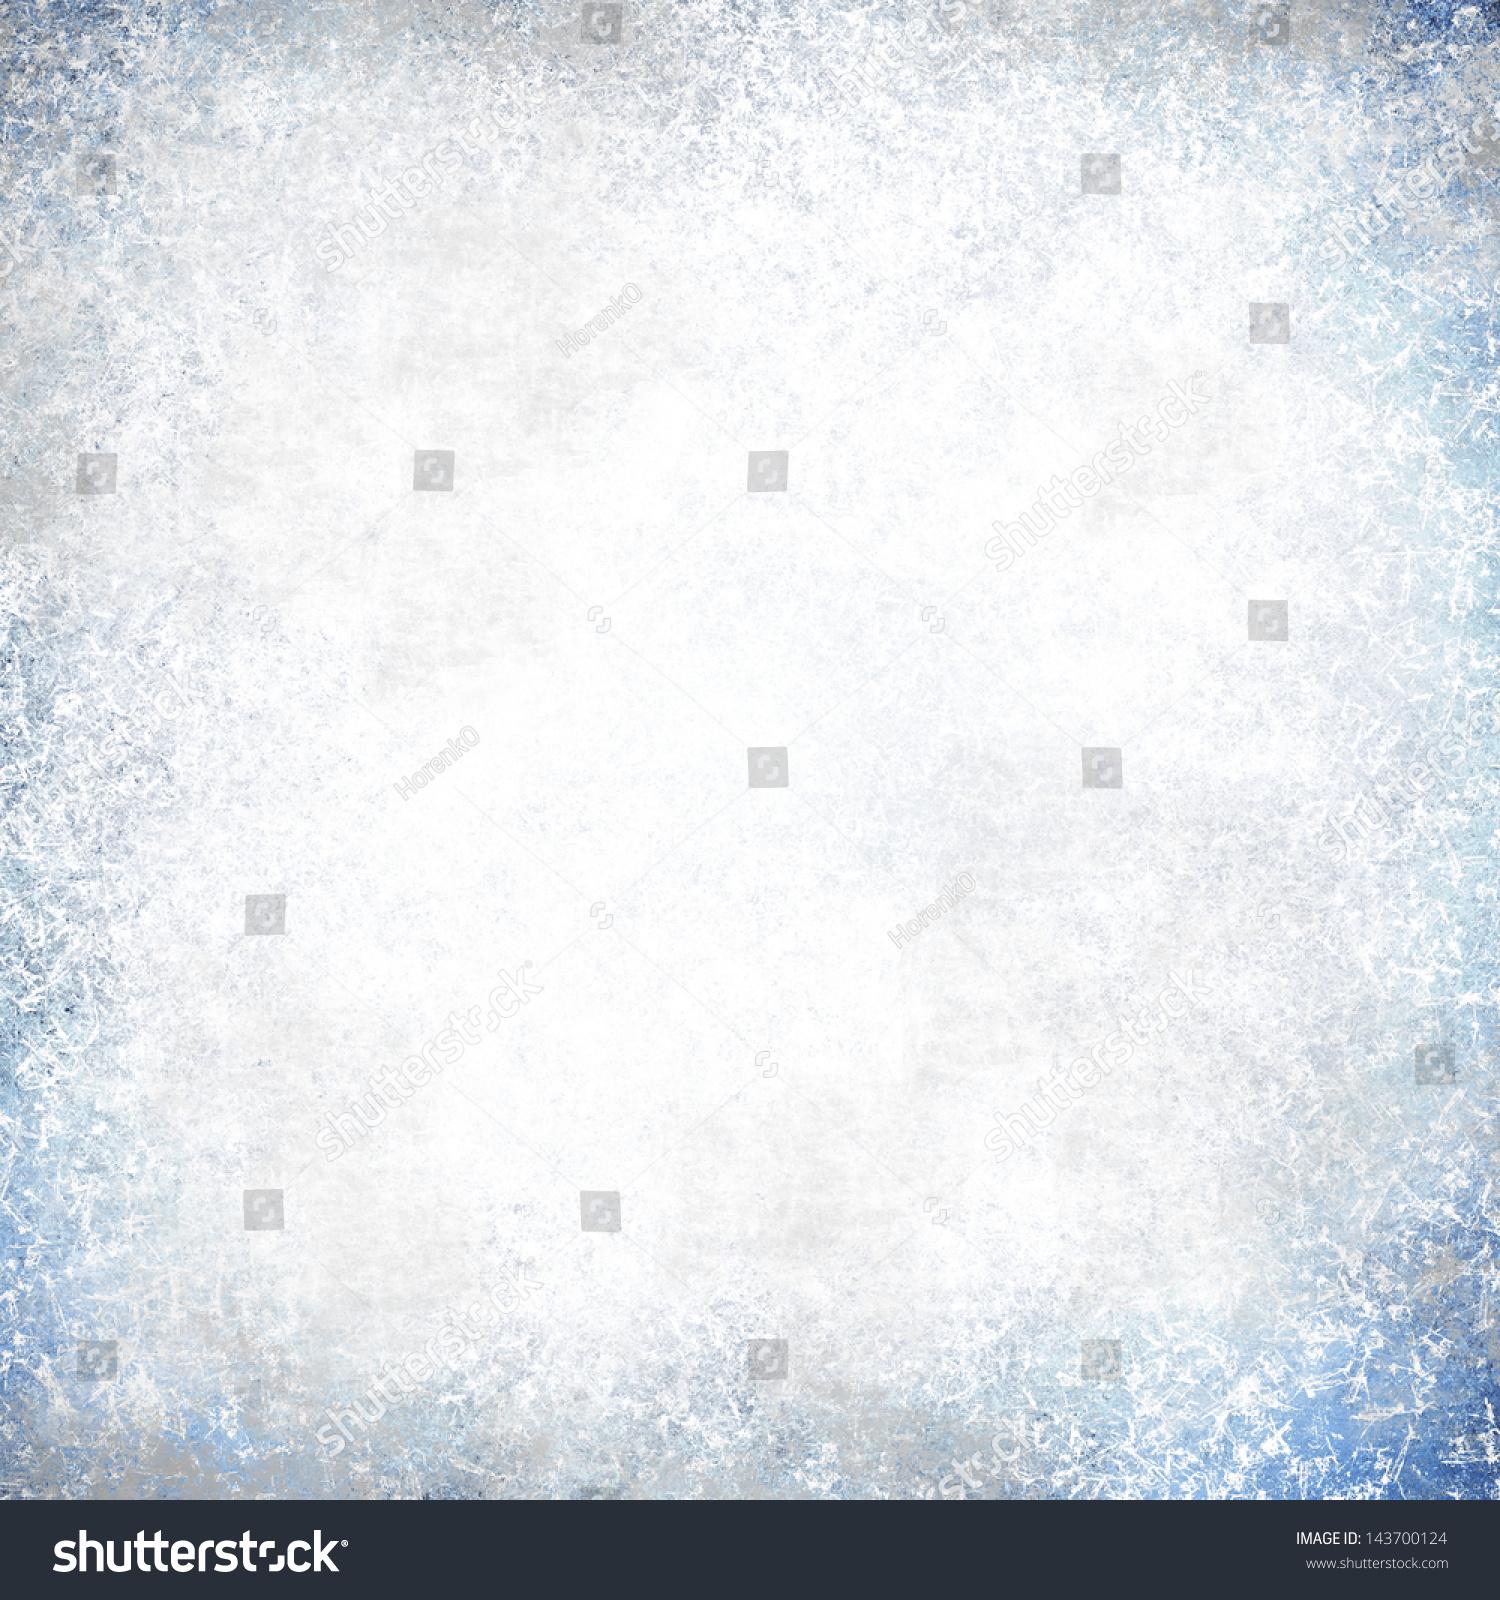 抽象的白色背景灰色复古摇滚背景纹理,冷淡的银色背景